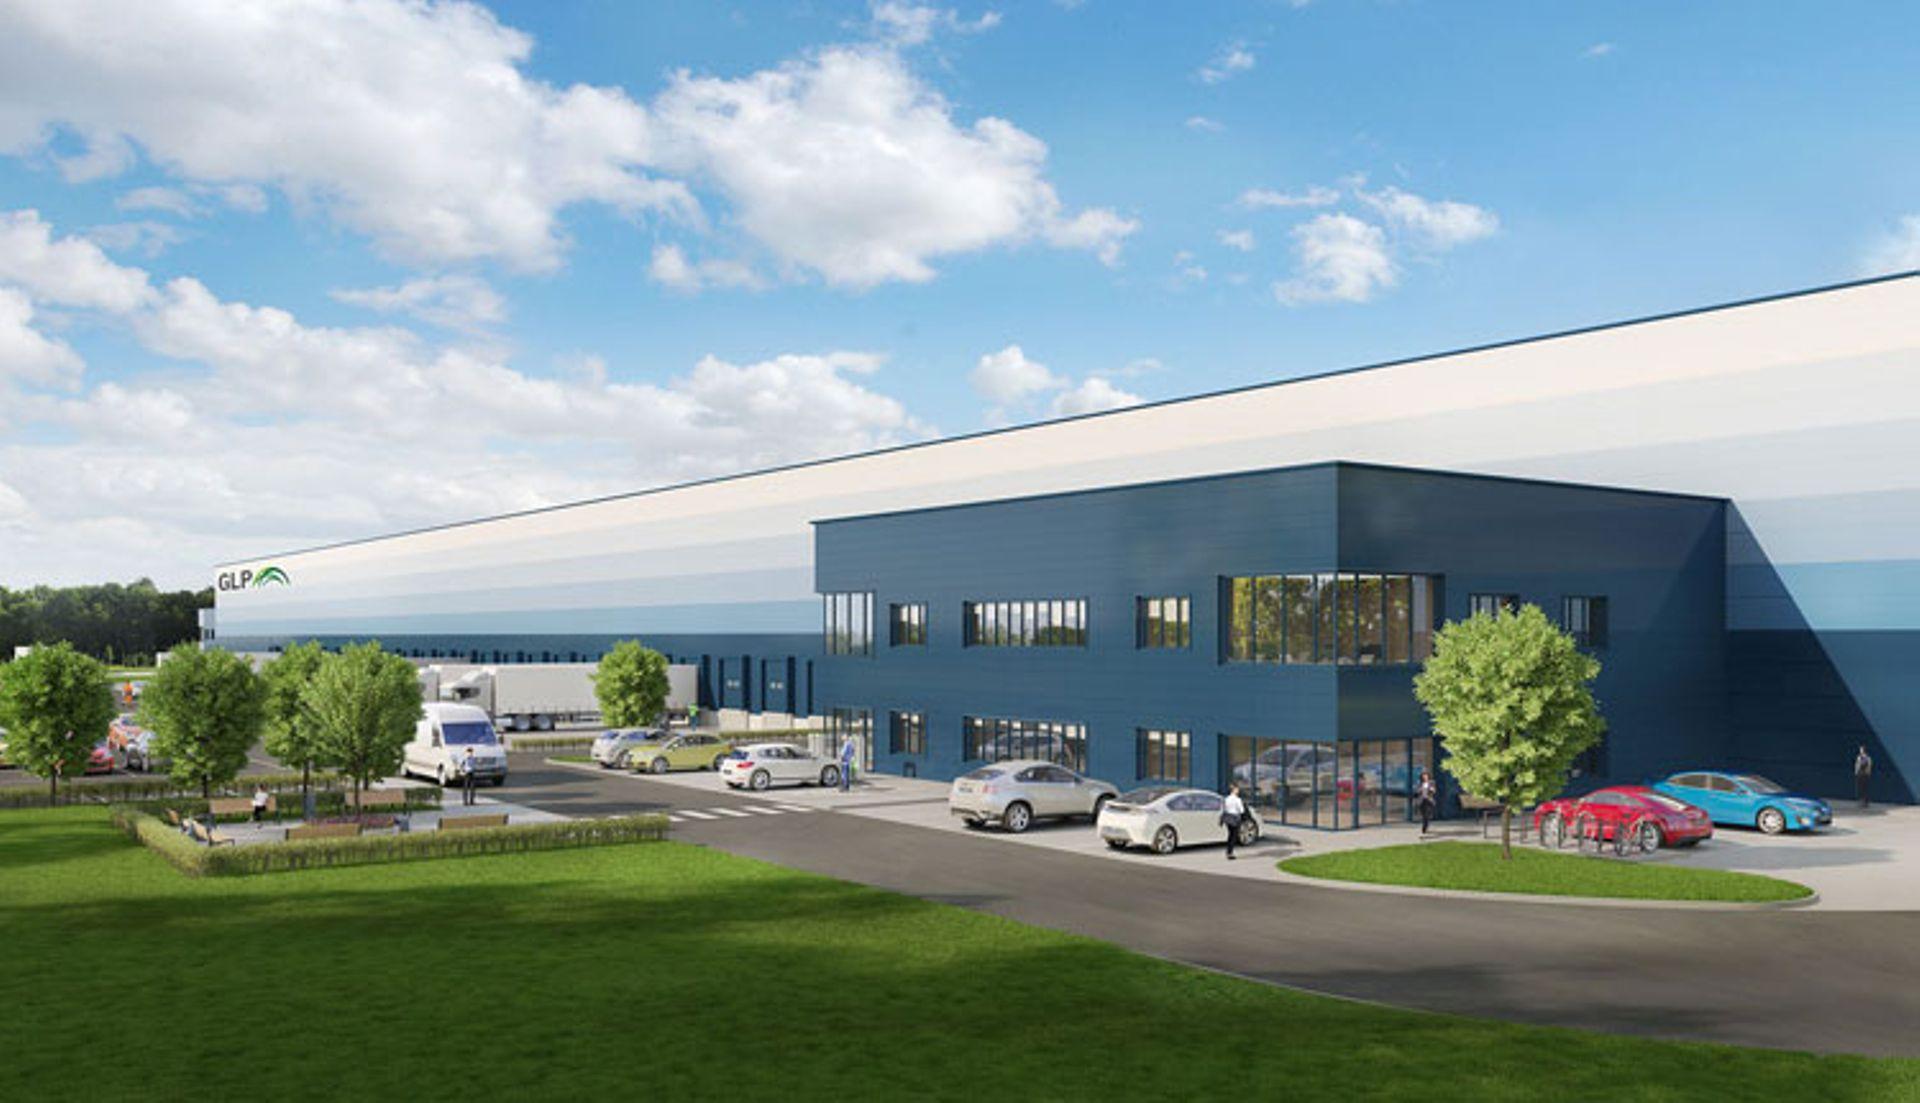 GLP inwestuje na Górnym Śląsku. Wybuduje duże centrum logistyczne